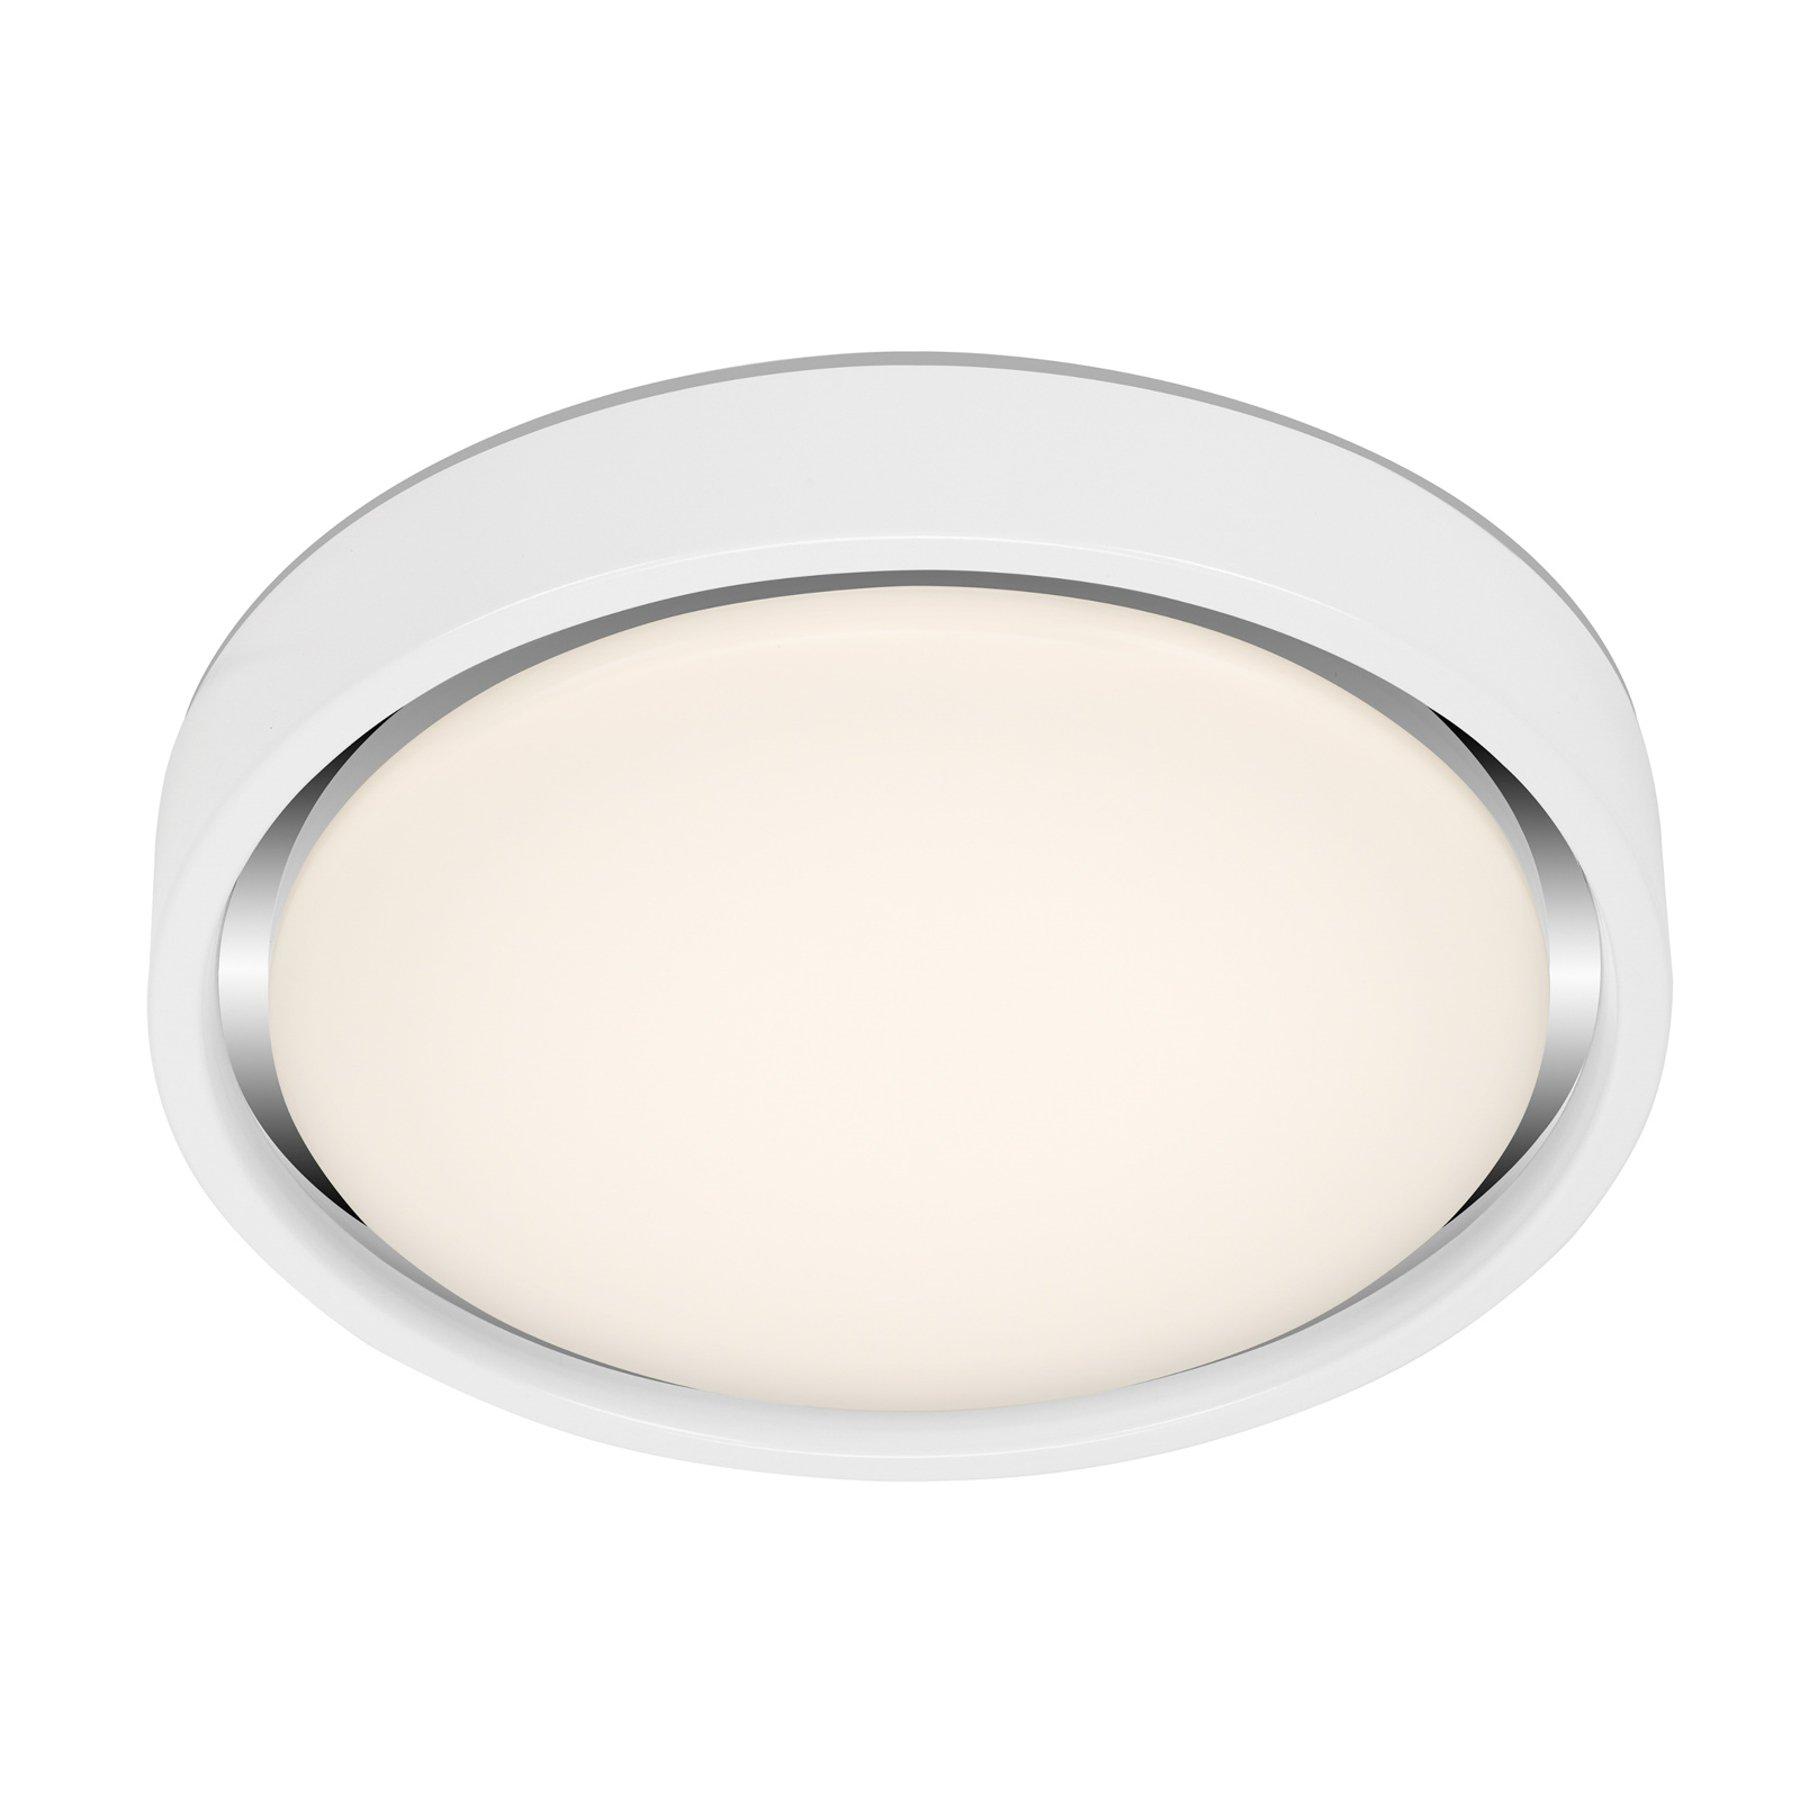 LED-taklampe Talena M RGB CCT, sensor, hvit